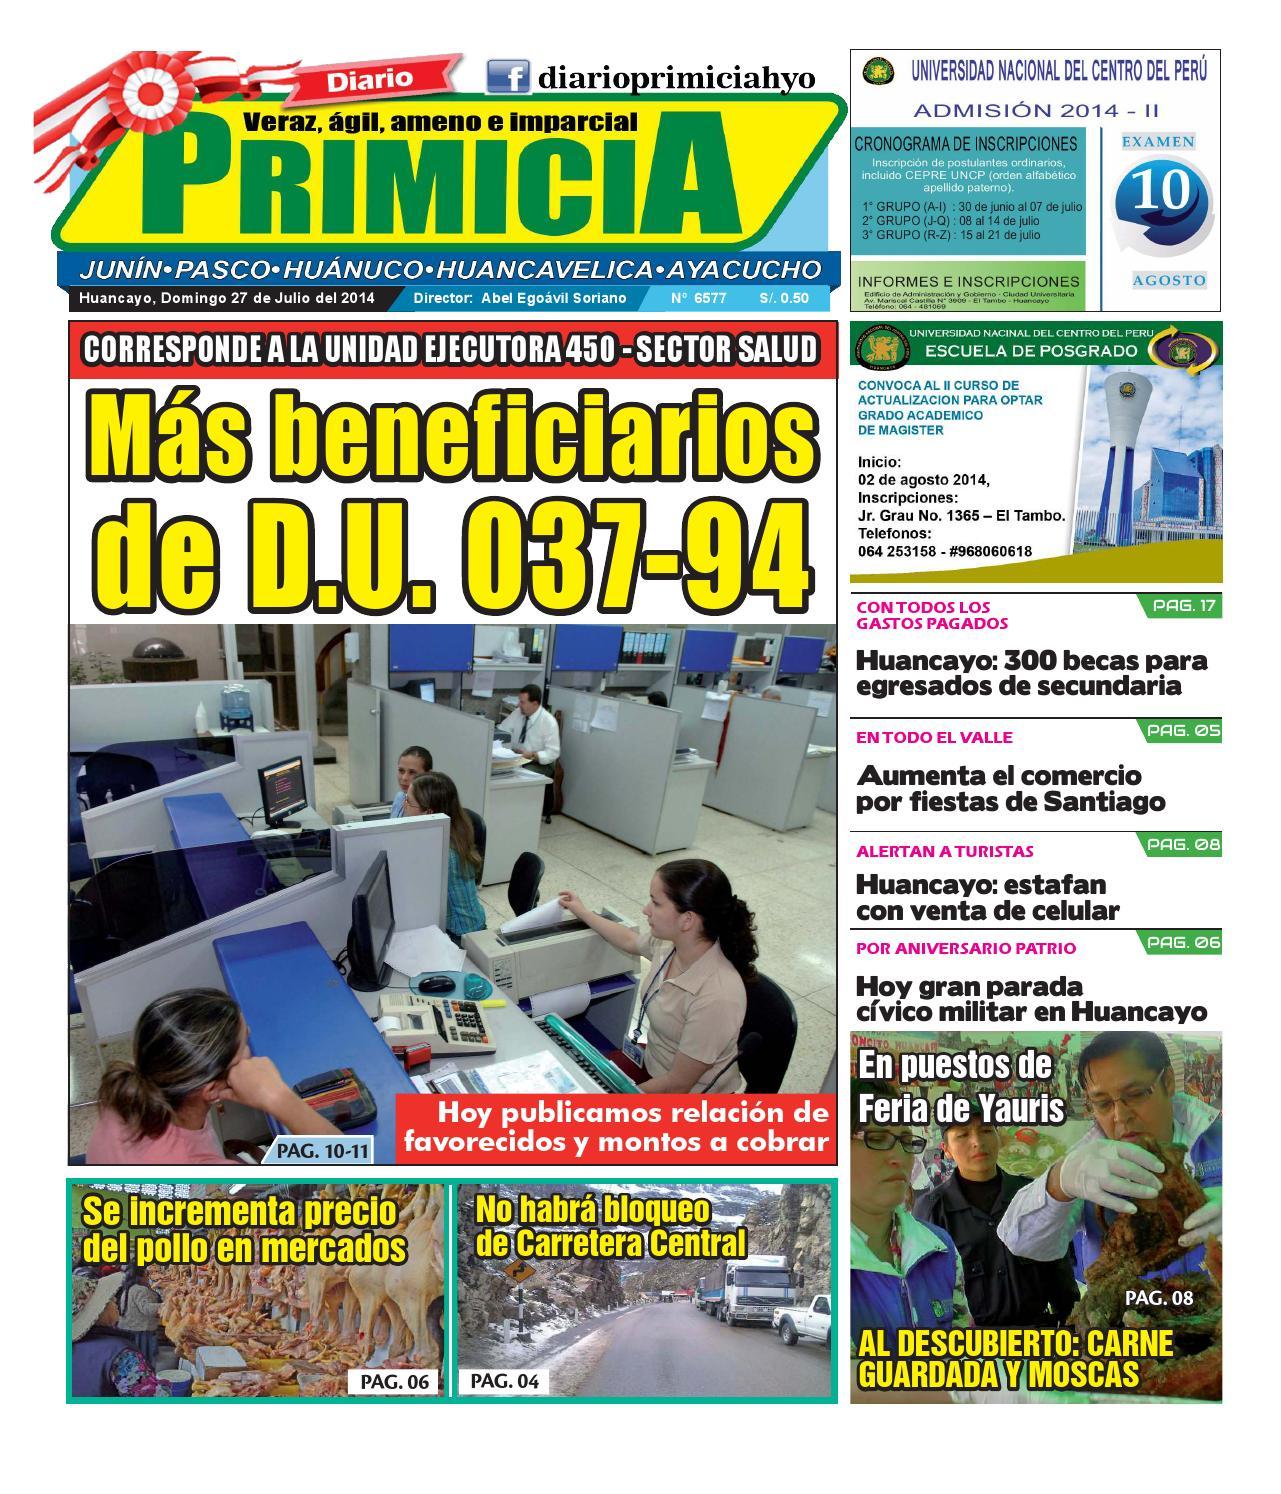 Diario Primicia Huancayo 27 07 14 by Diario PRIMICIA - issuu 1df9ffcdbb2